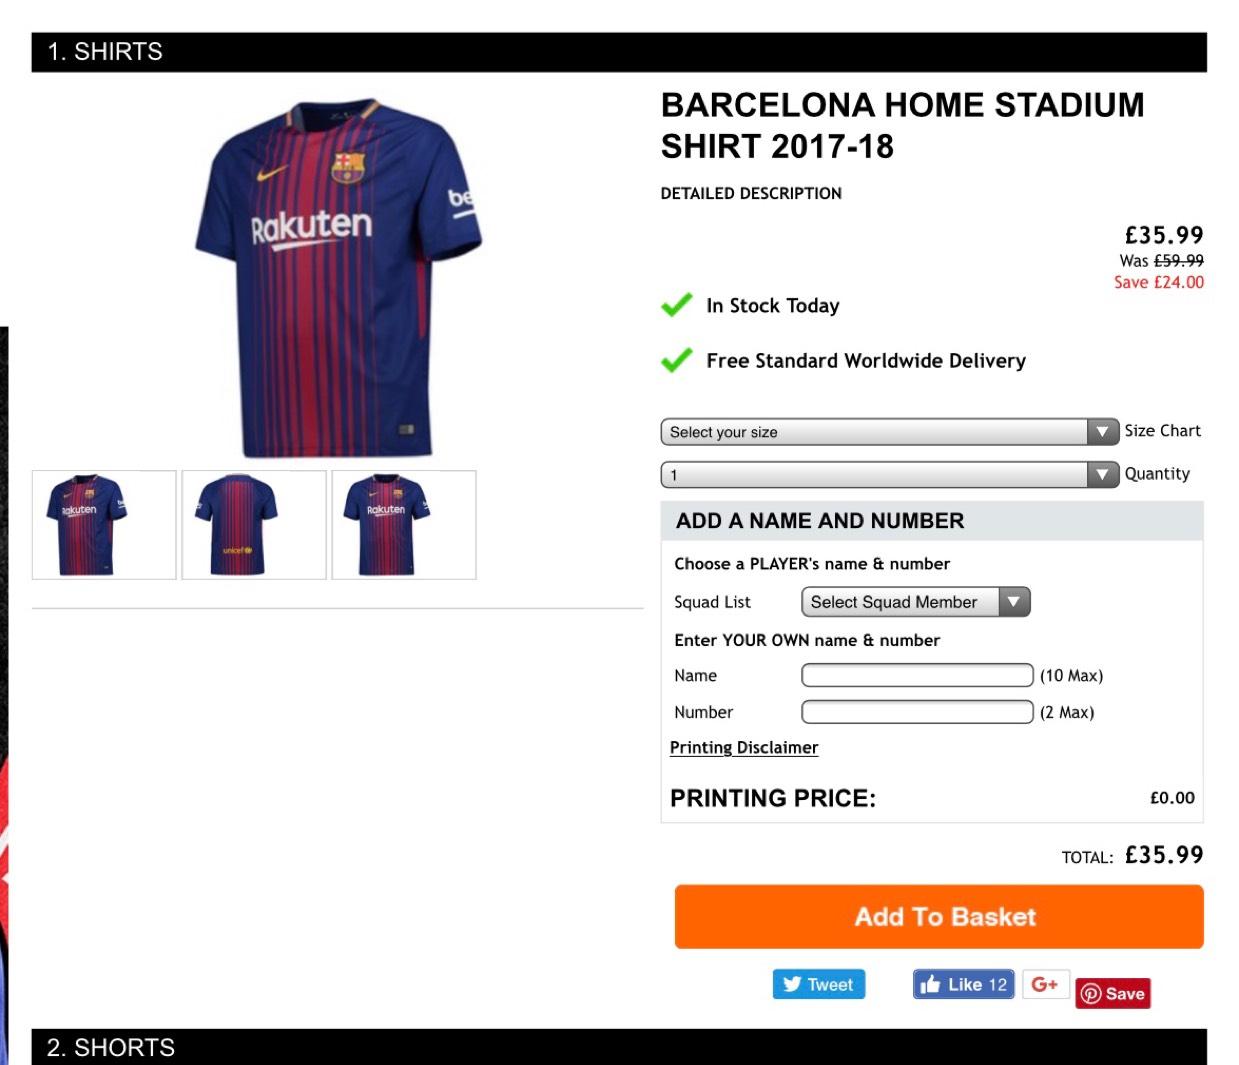 FC Barcelona Home Shirt 17/18 (40% off) - £35.99 @ Kitbag